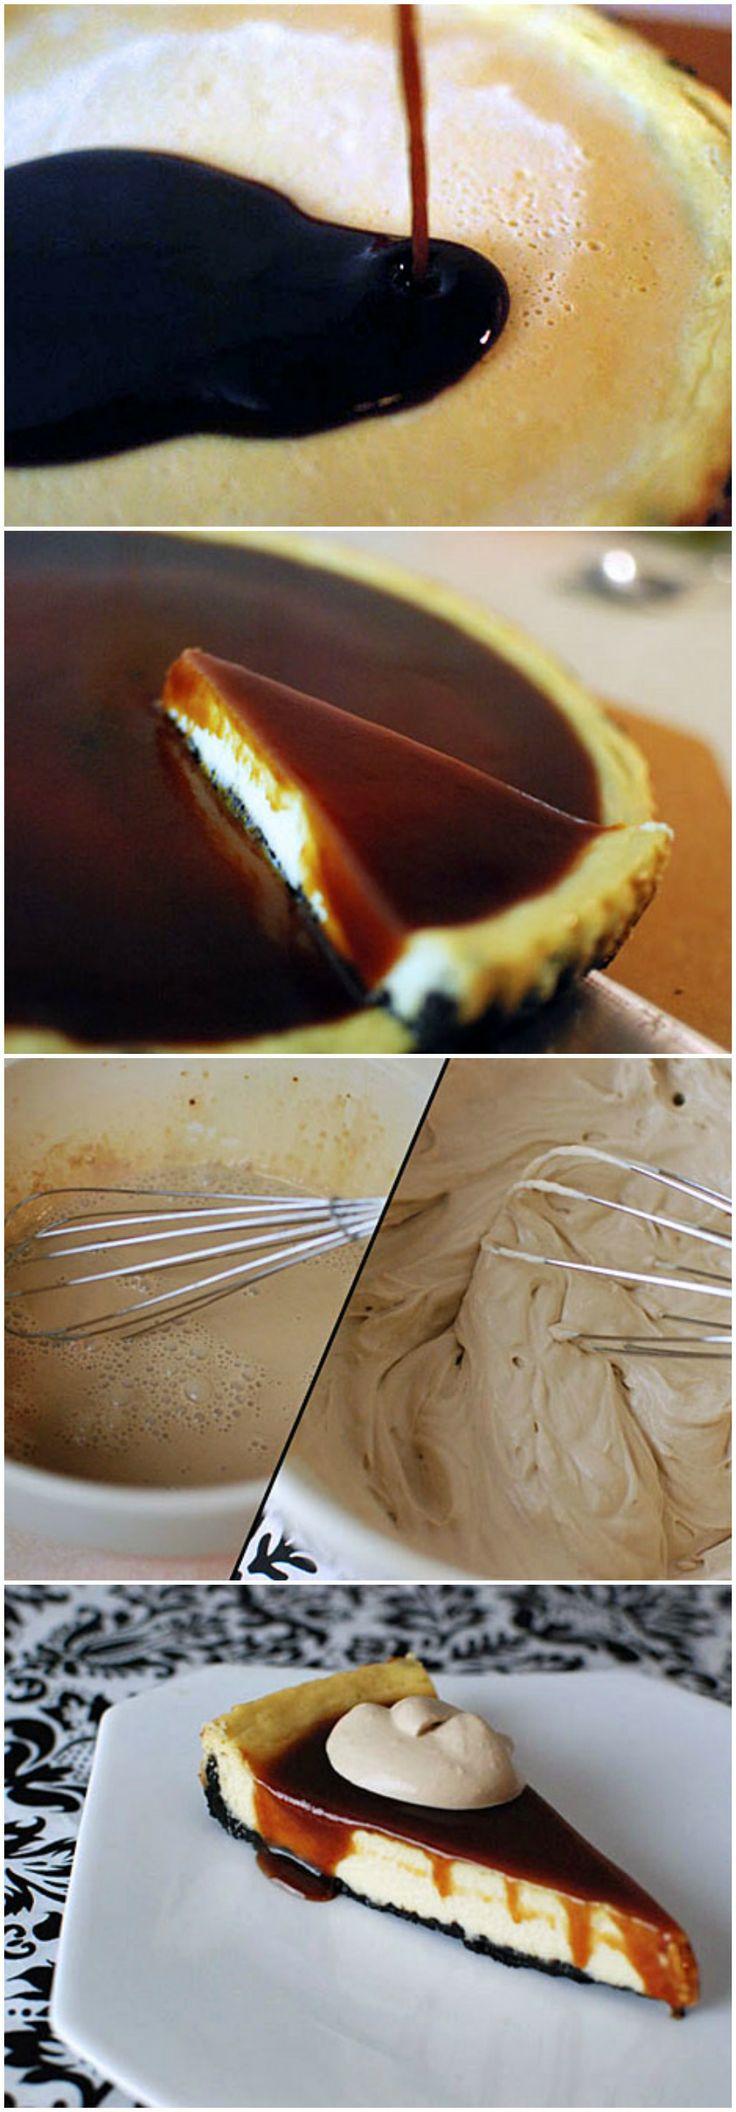 ... Caramel For, Irish Car Bomb Cheesecake, Irish Cream Cheesecake, Irish